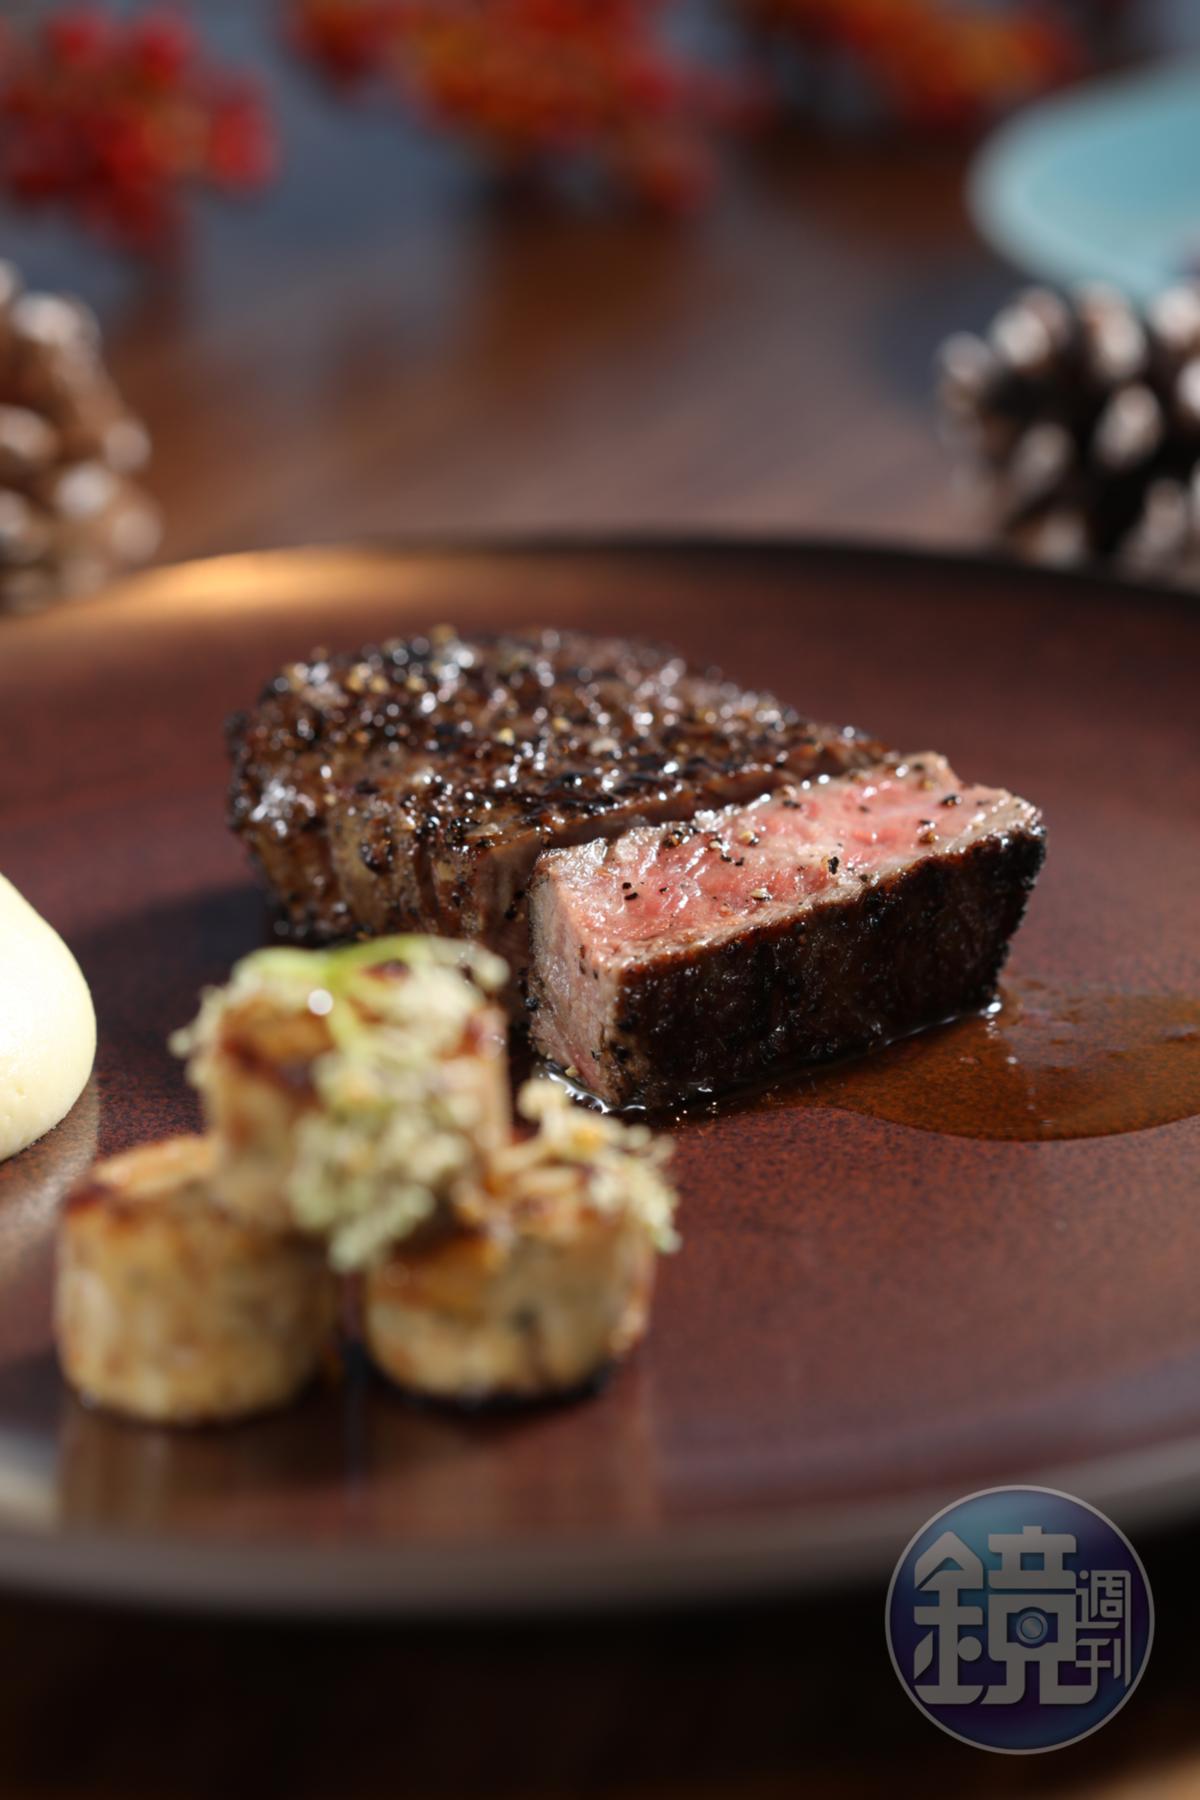 肉味鮮濃的「碳烤煙燻美國肋眼牛排」略帶嚼勁。(9,999元耶誕雙人套餐菜色)